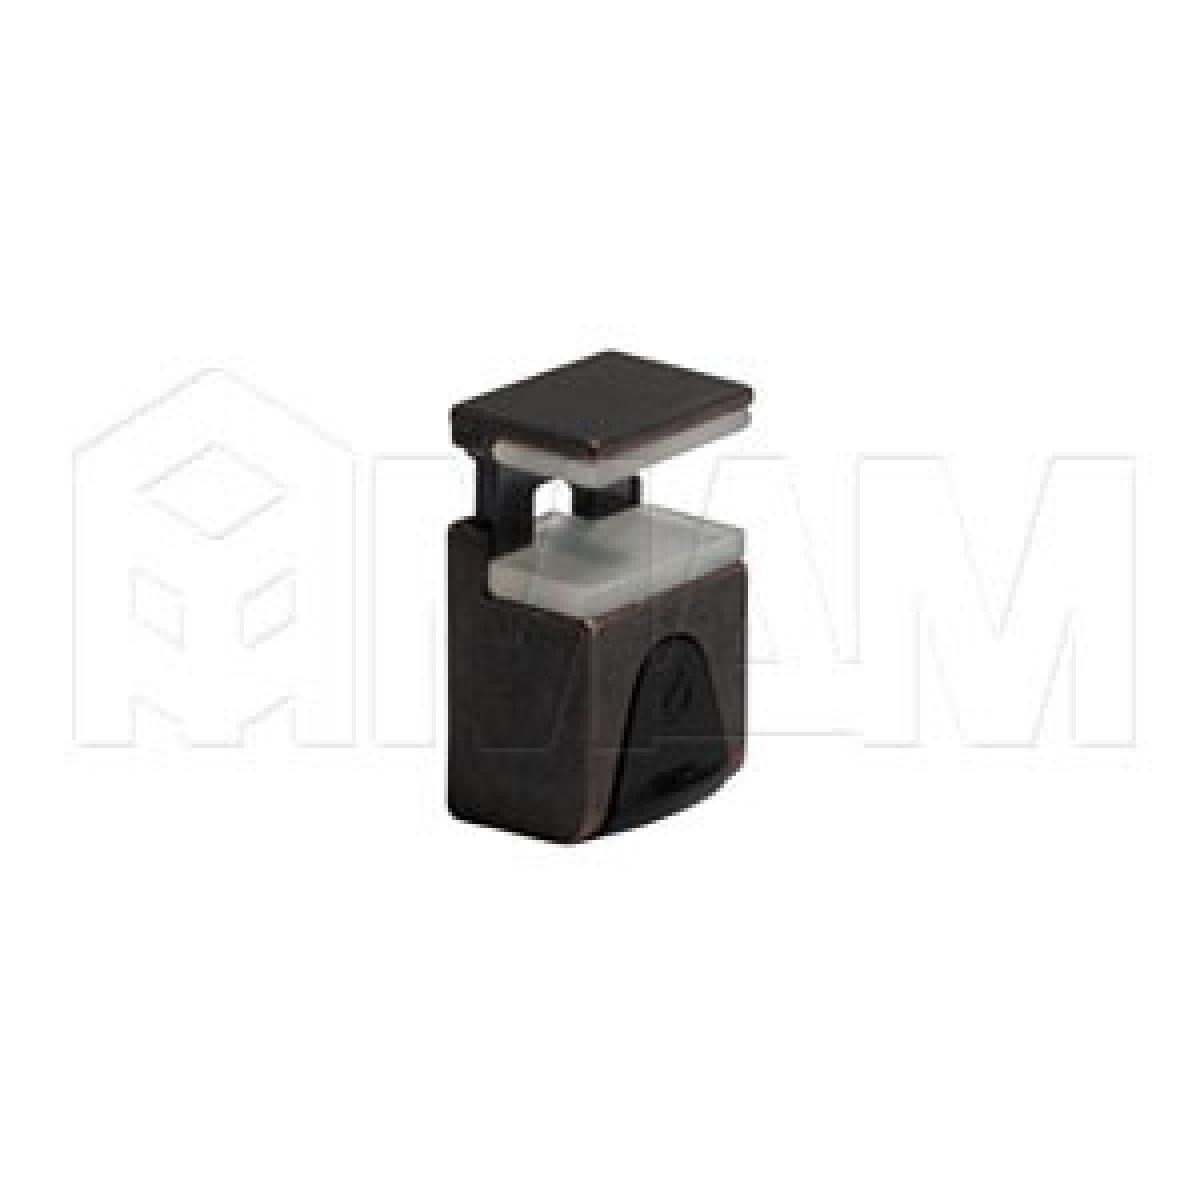 KUBIC Полкодержатель для стеклянных полок толщиной 4-9 мм, под саморез, бронза